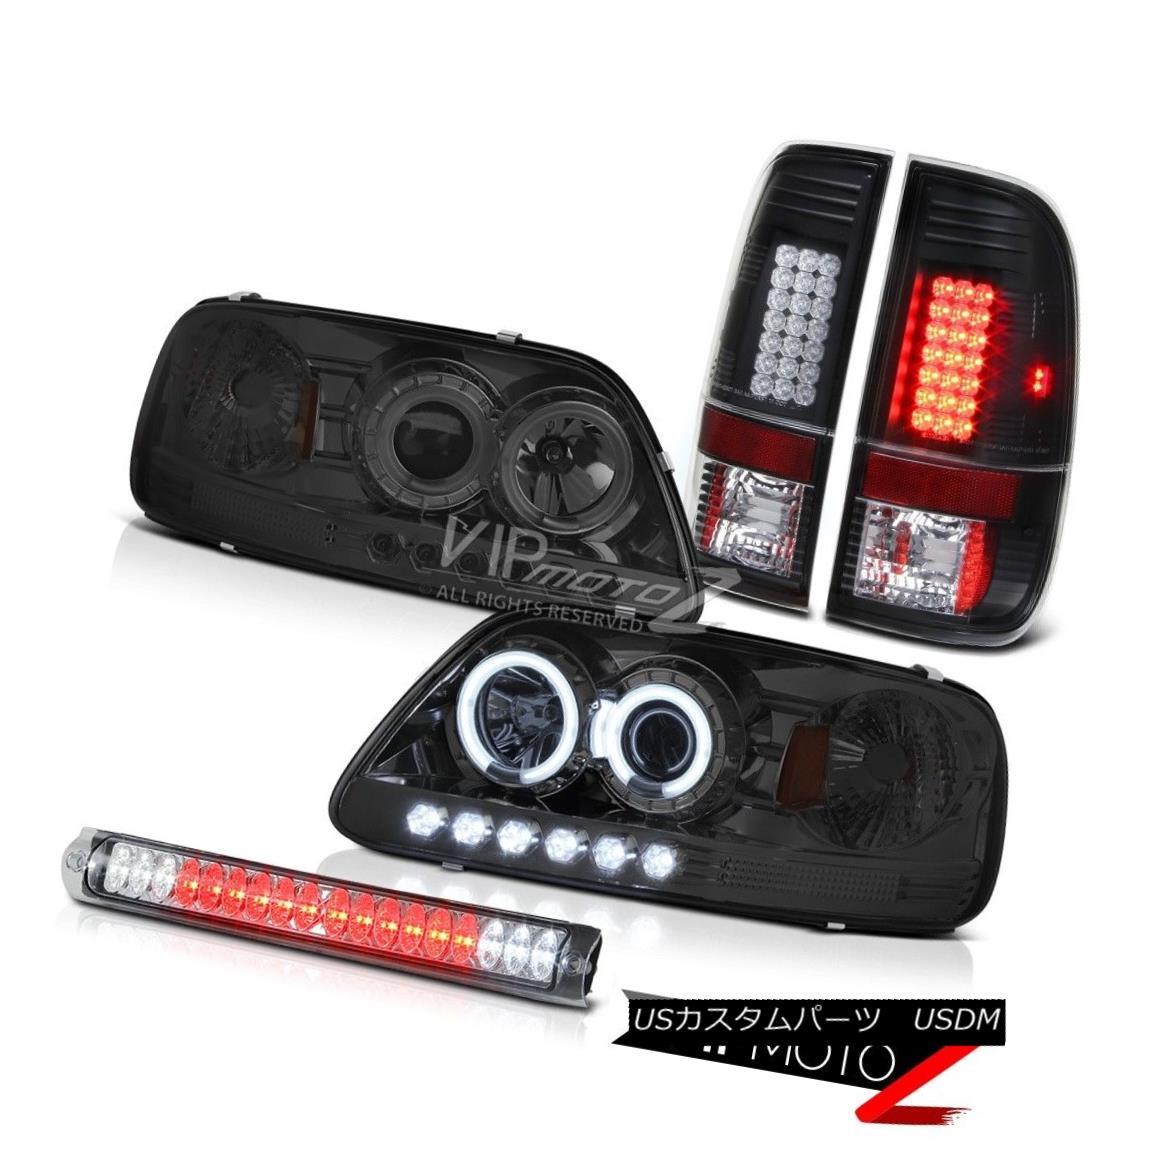 ヘッドライト CCFL Angel Eye Headlight LED Black Tail Lights Roof Brake Lamp Chrome F150 97-03 CCFLエンジェルアイヘッドライトLEDブラックテールライトルーフブレーキランプクロームF150 97-03